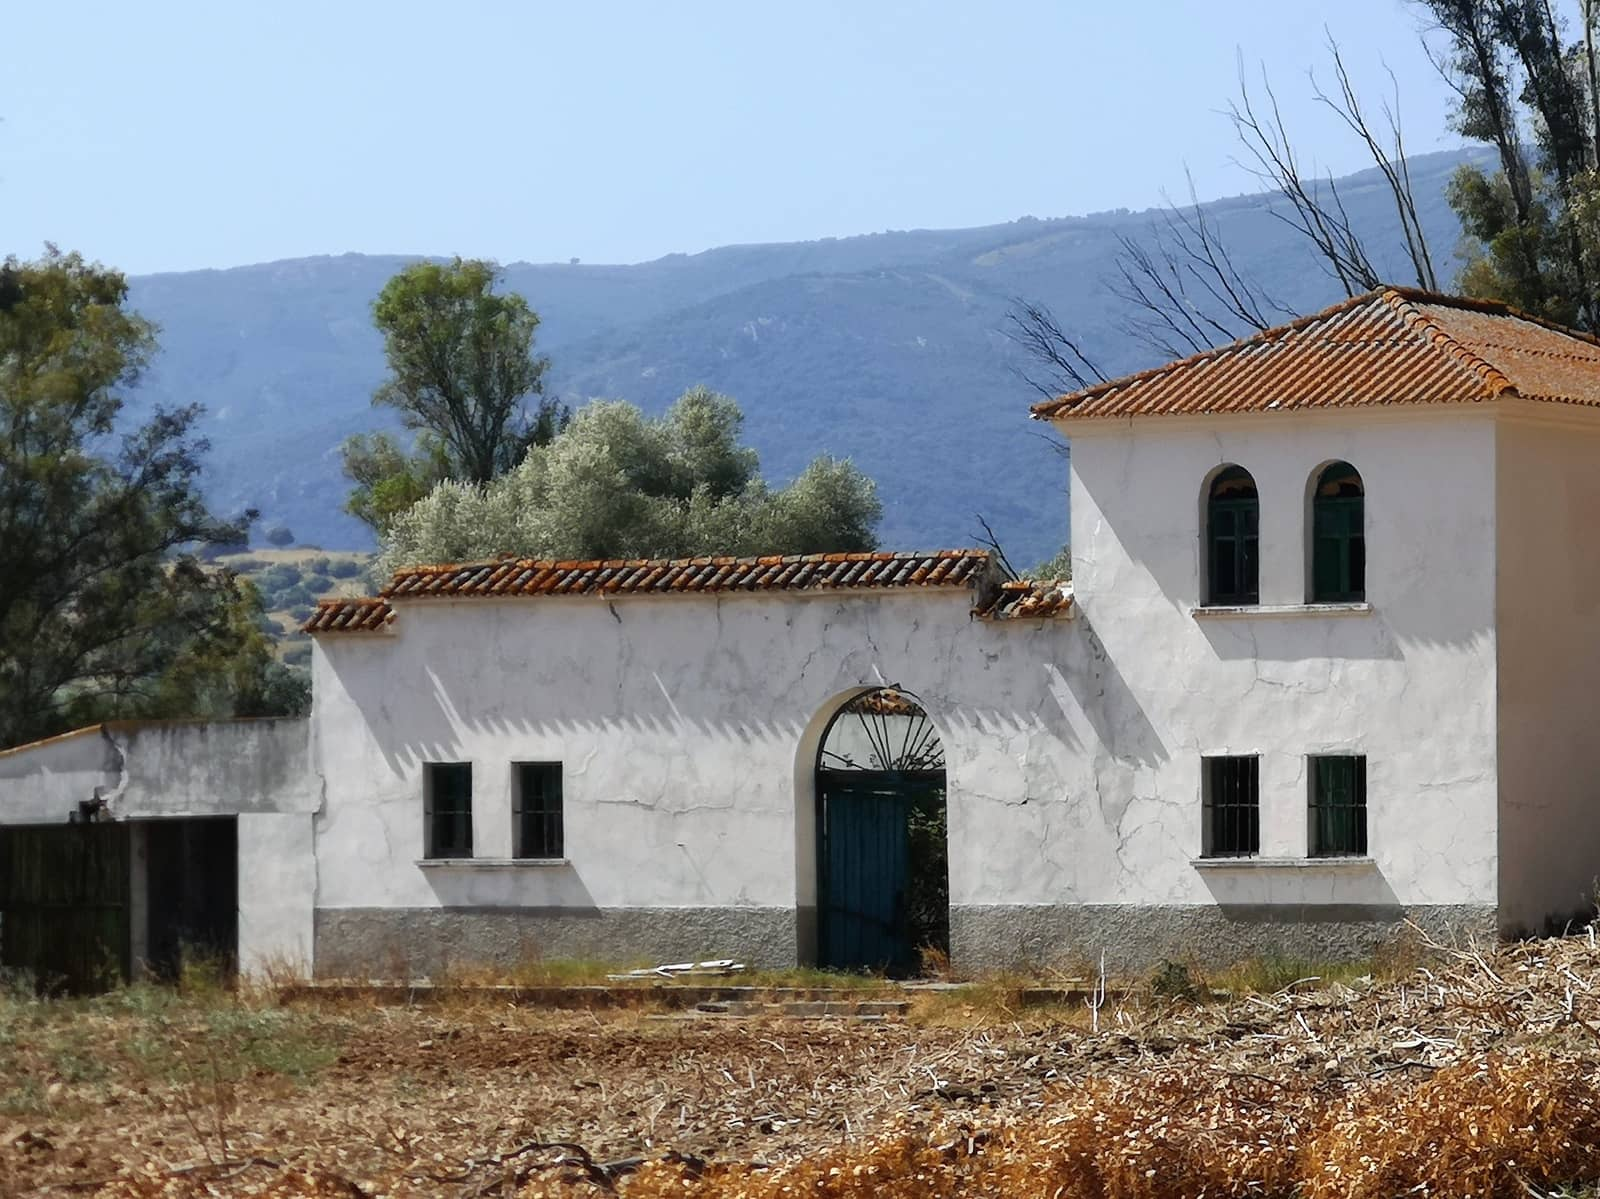 4 chambre Finca/Maison de Campagne à vendre à Jimena de la Frontera avec garage - 200 000 € (Ref: 5526778)